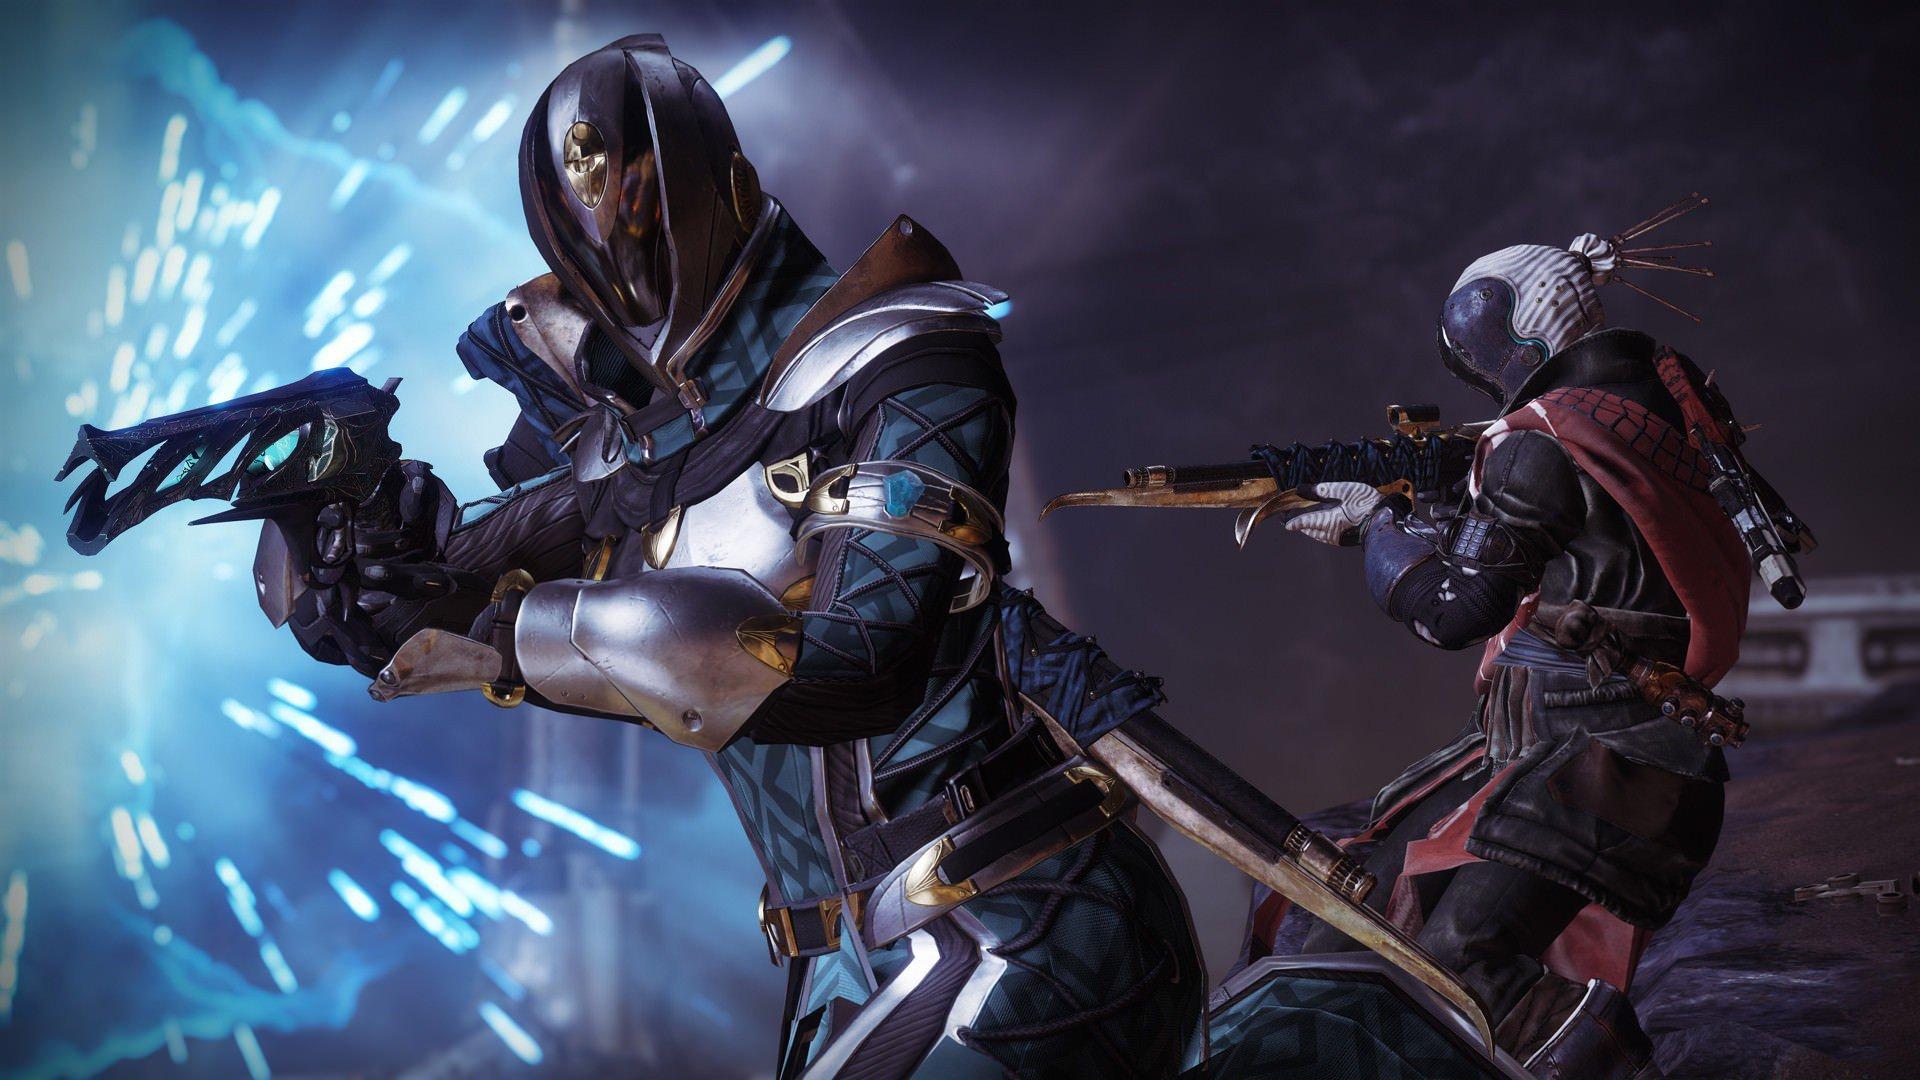 Bungie se separa da Activision e assume controle total da franquia Destiny  - Critical Hits